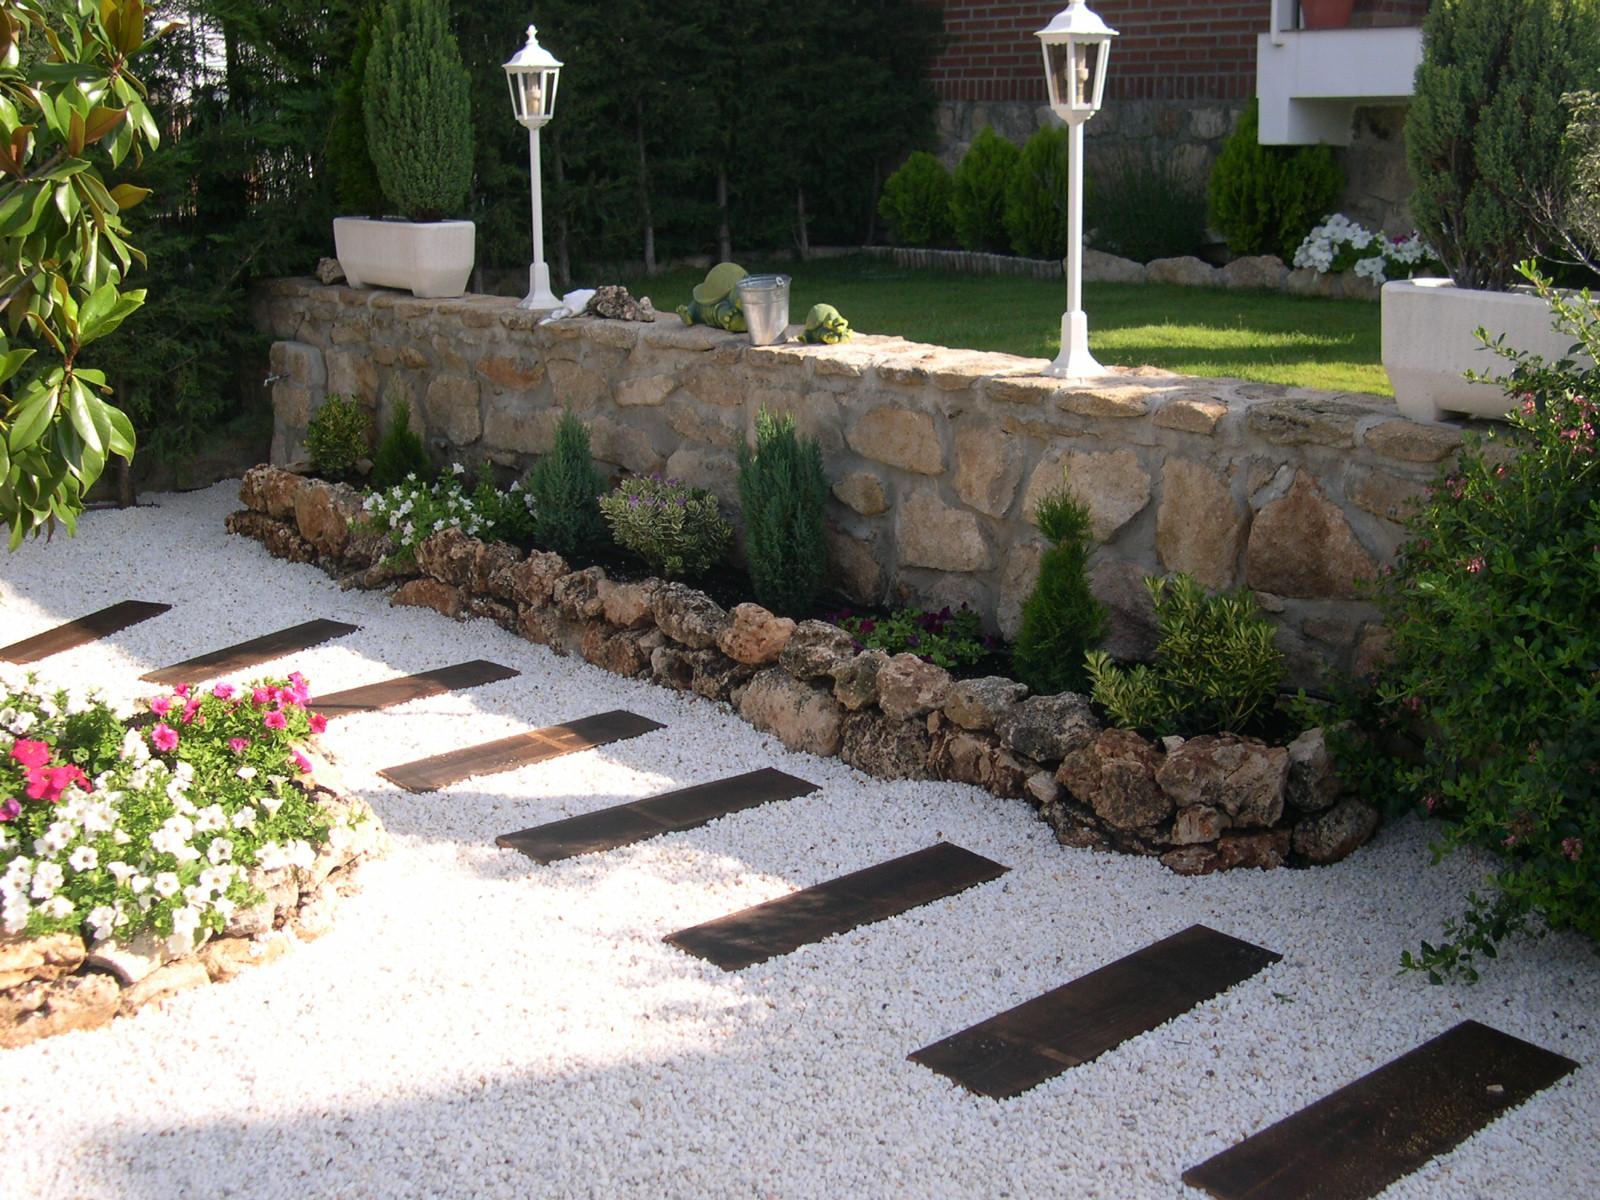 El jardin bueno bonito y barato mayo 2013 for Ideas paisajismo jardines